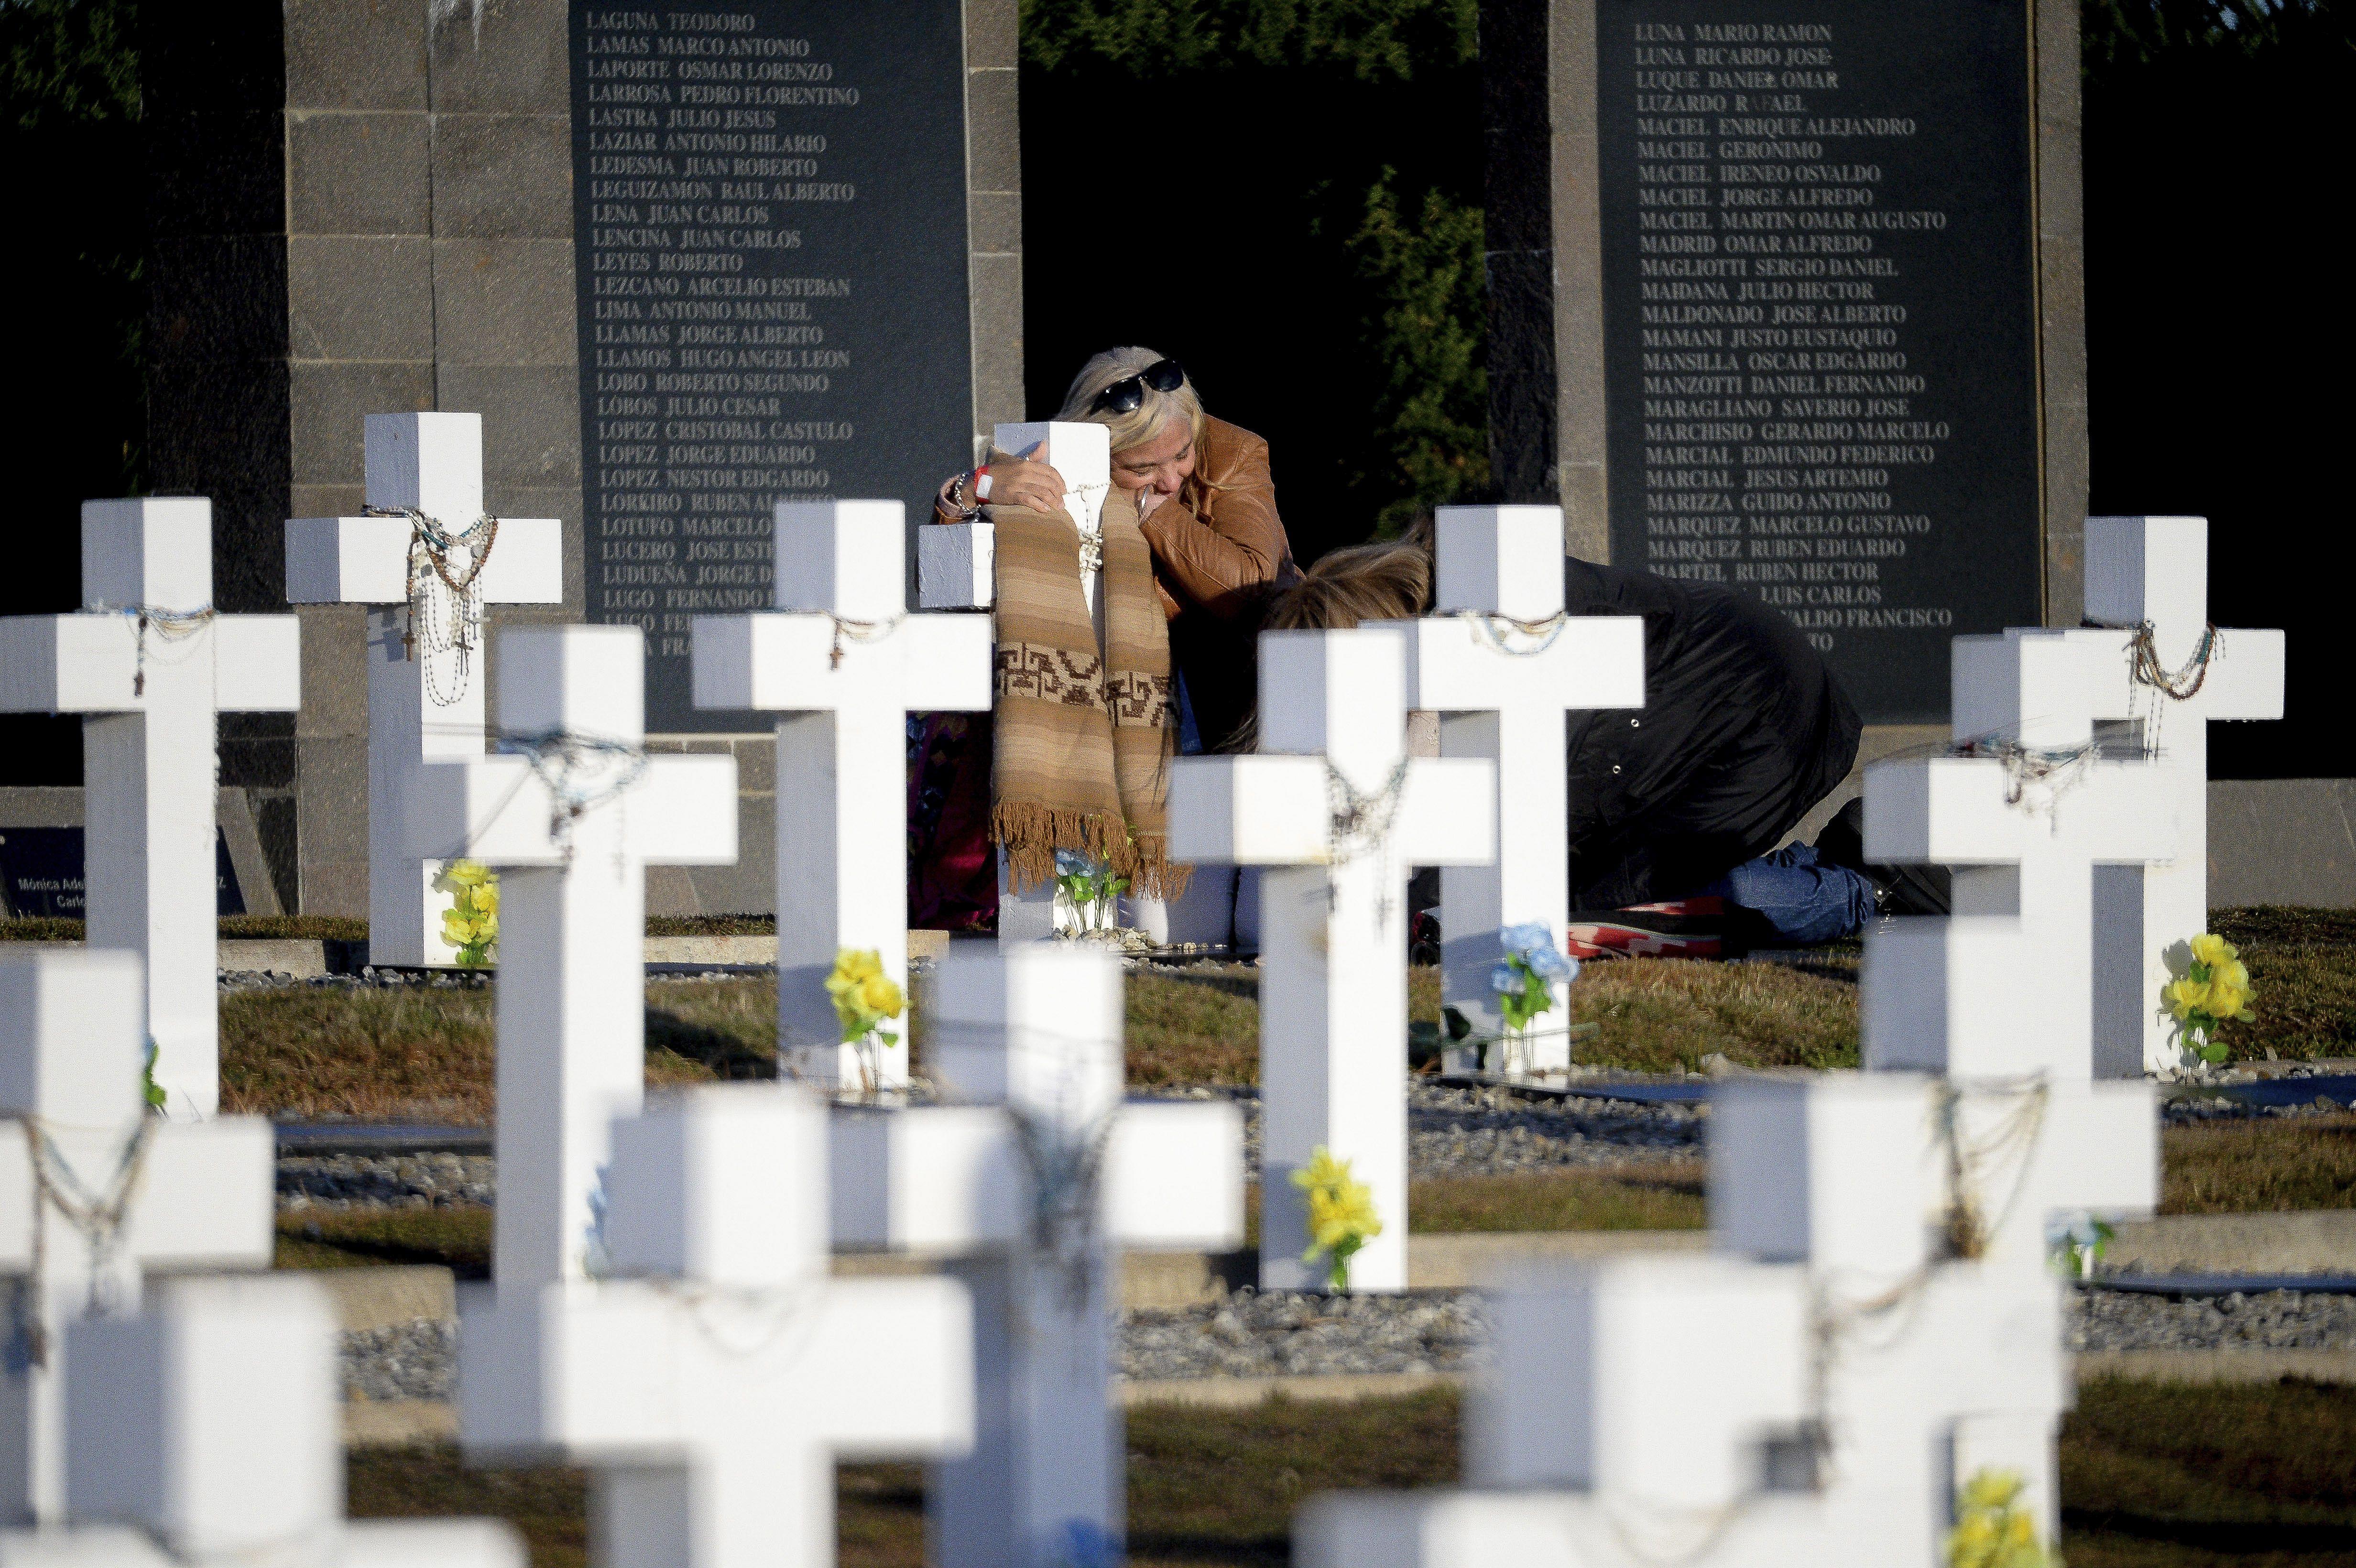 El abrazo de una familiar a la lápida de un héroe de Malvinas